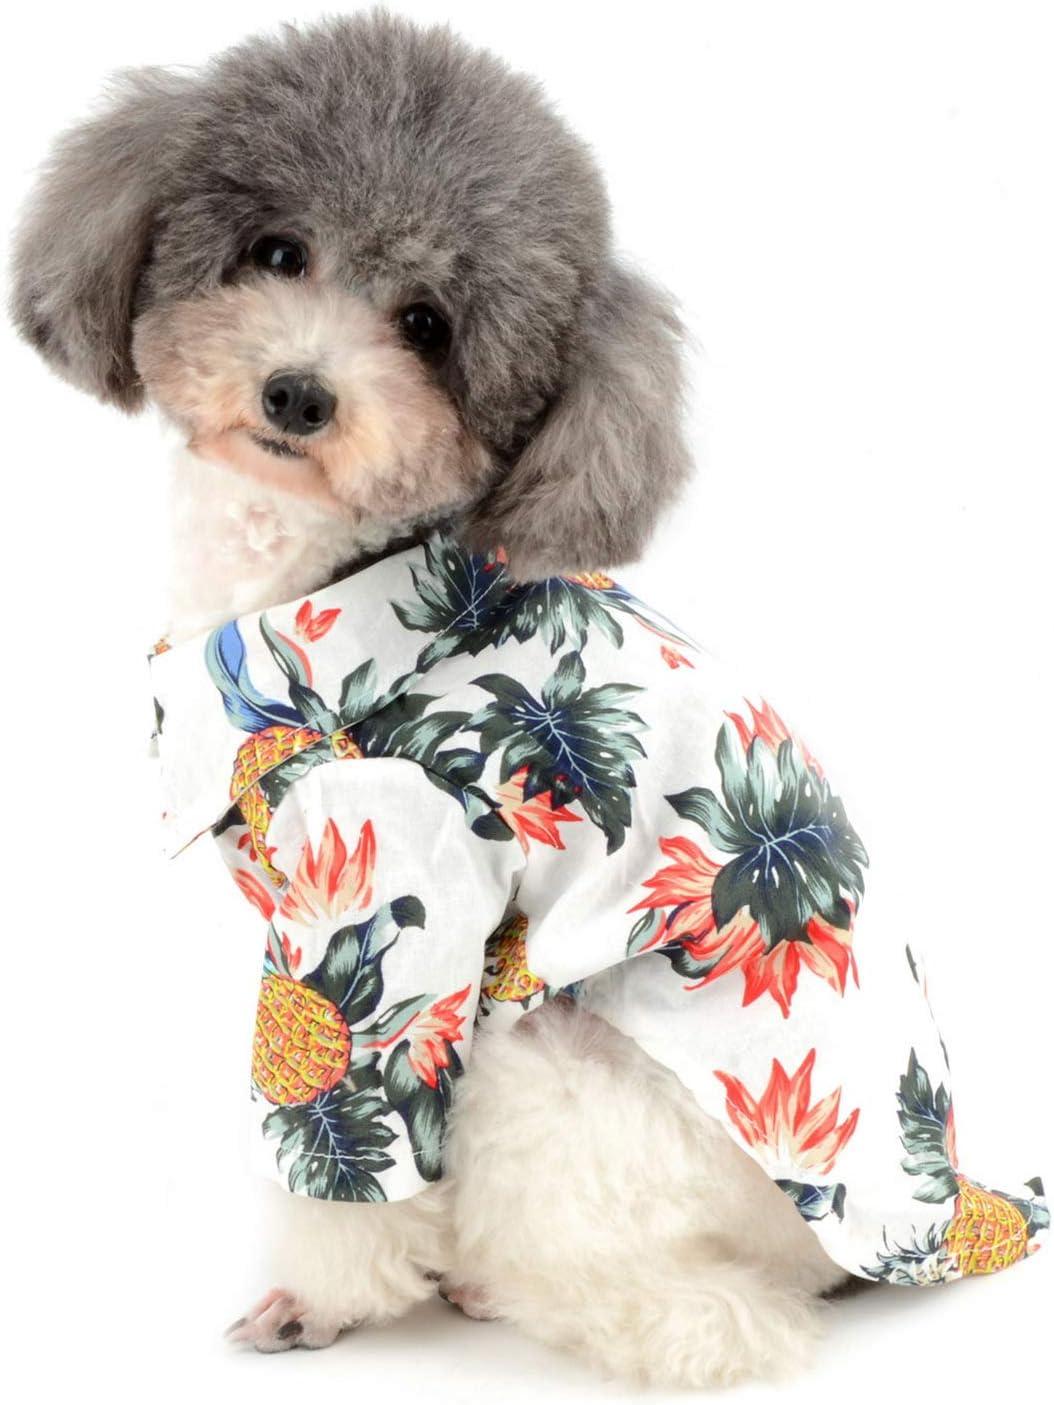 Zunea - Camiseta hawaiana para perro pequeño, camiseta de verano para mascotas colorido chaleco ropa campamento cachorro ropa de playa Sundress primavera ropa para perros gatos blanco M: Amazon.es: Hogar